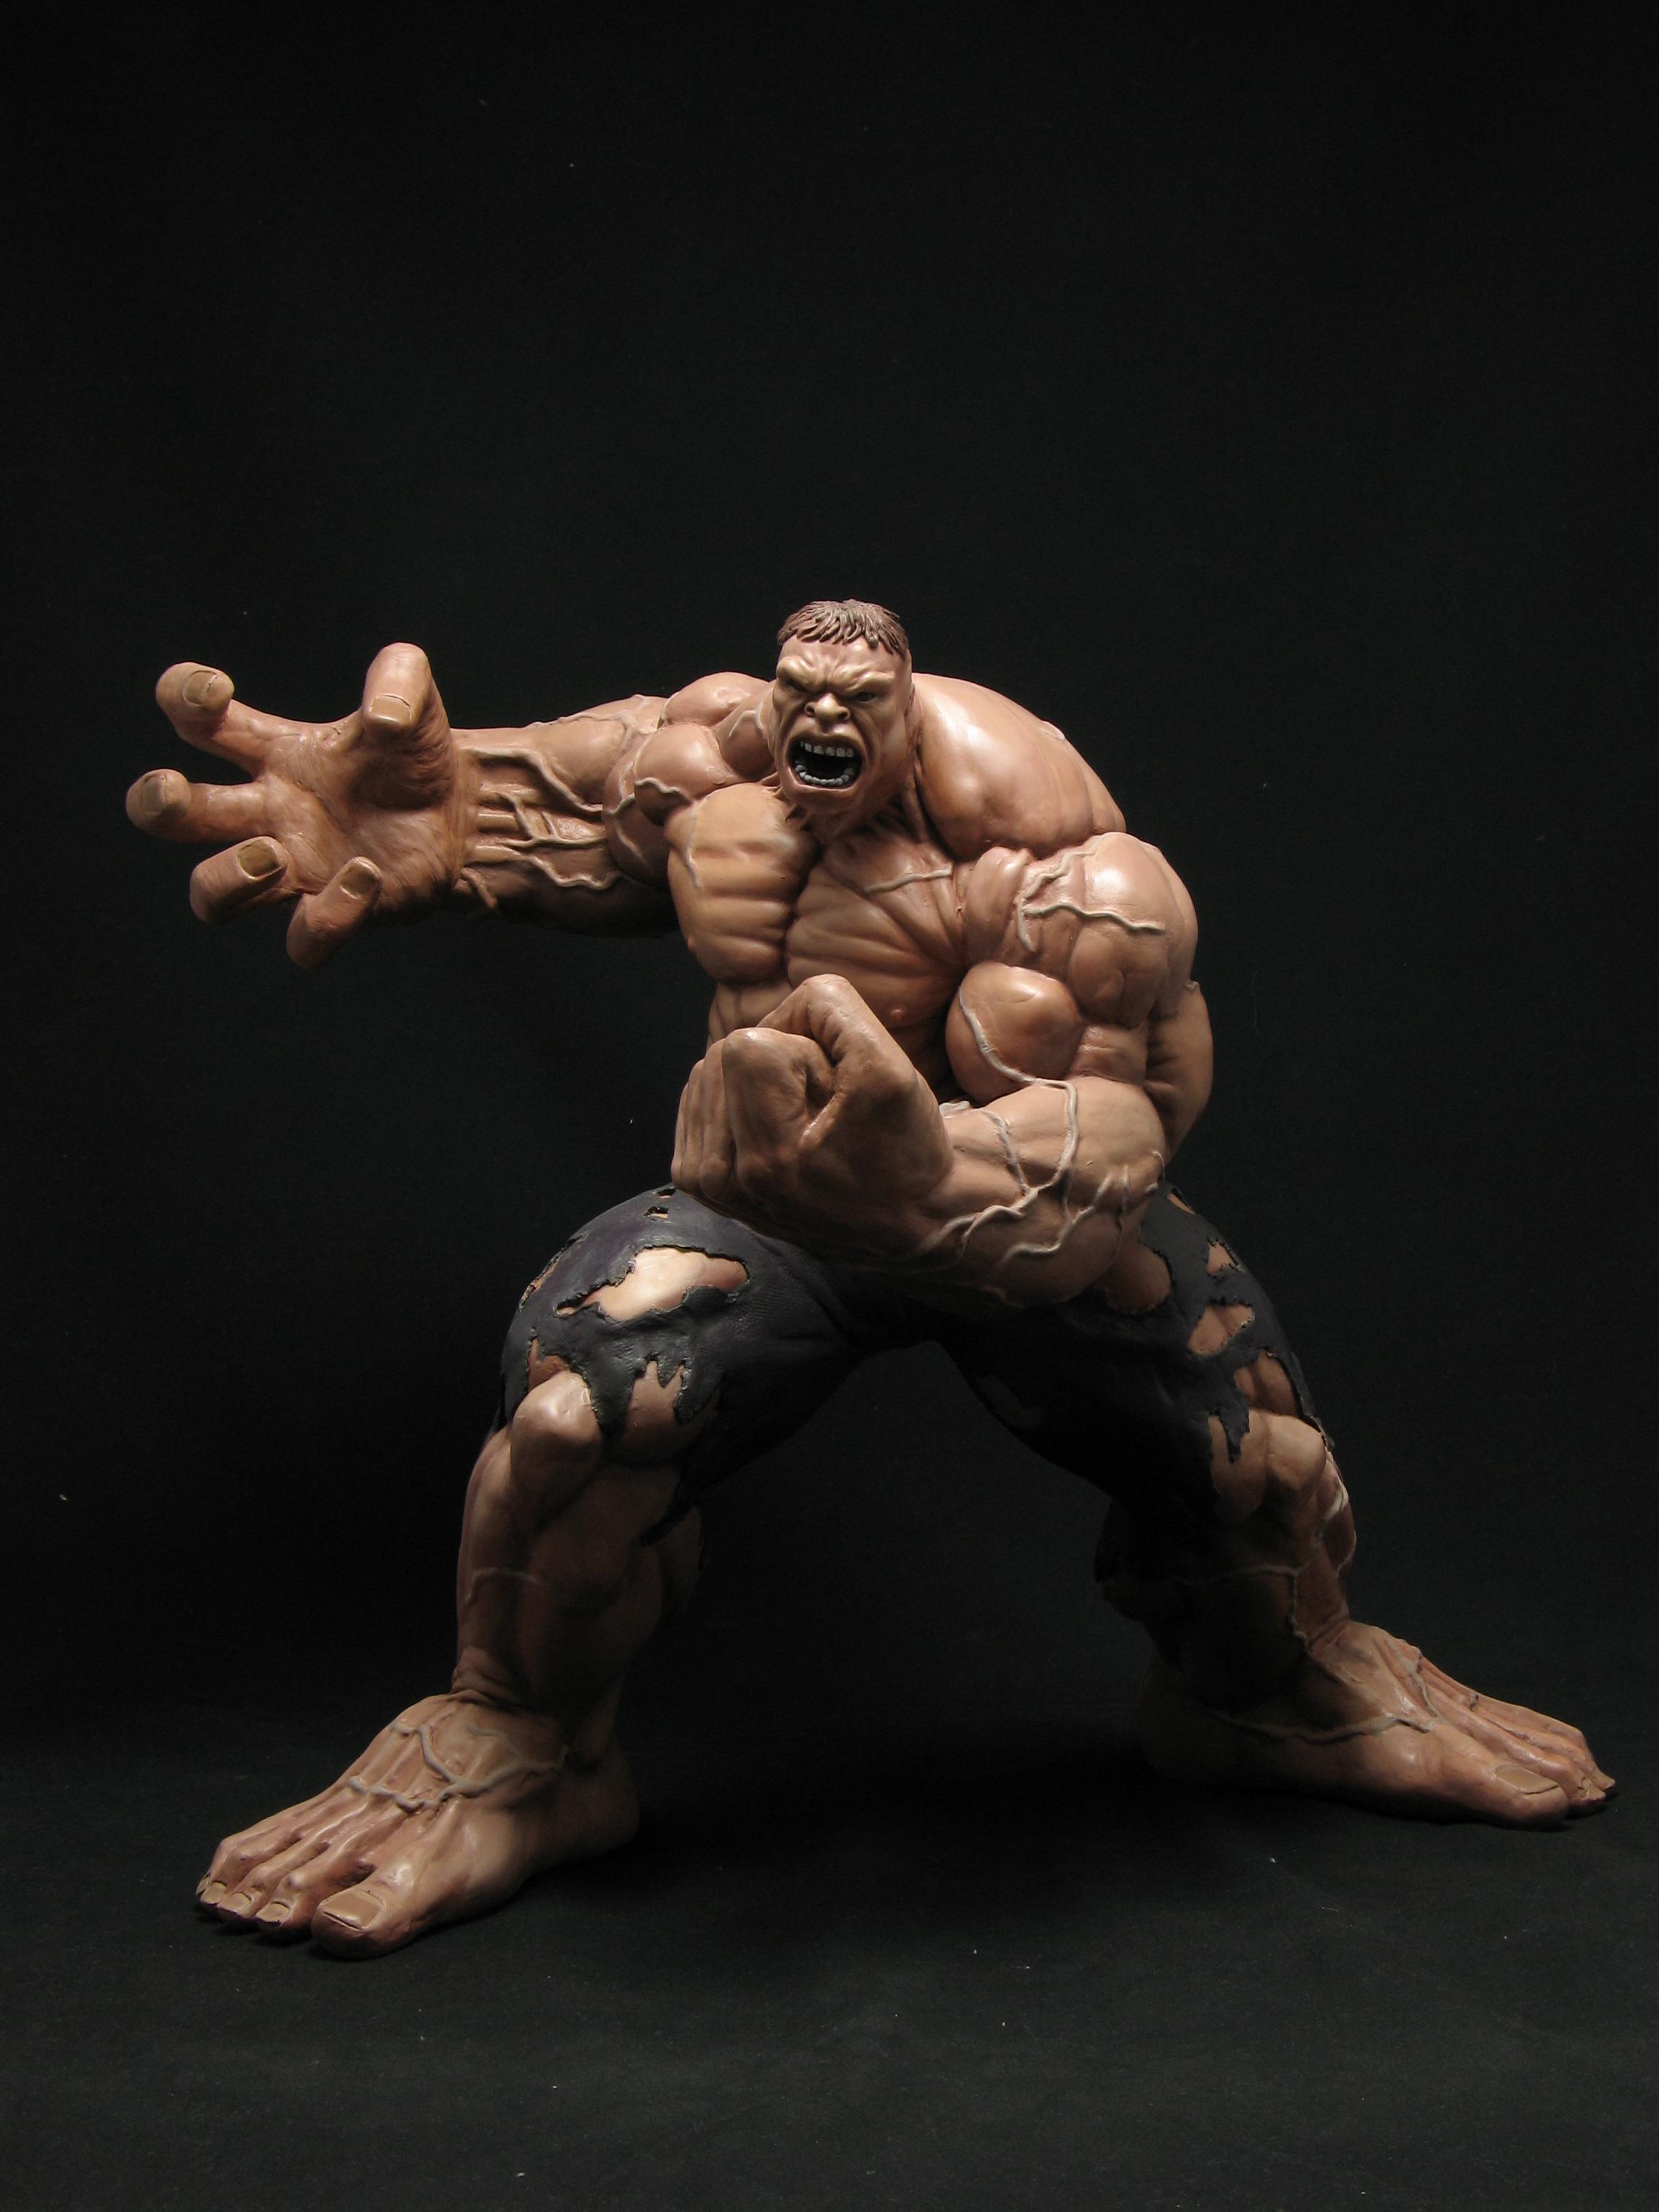 Hulk 1/5 2002iso50fluoh